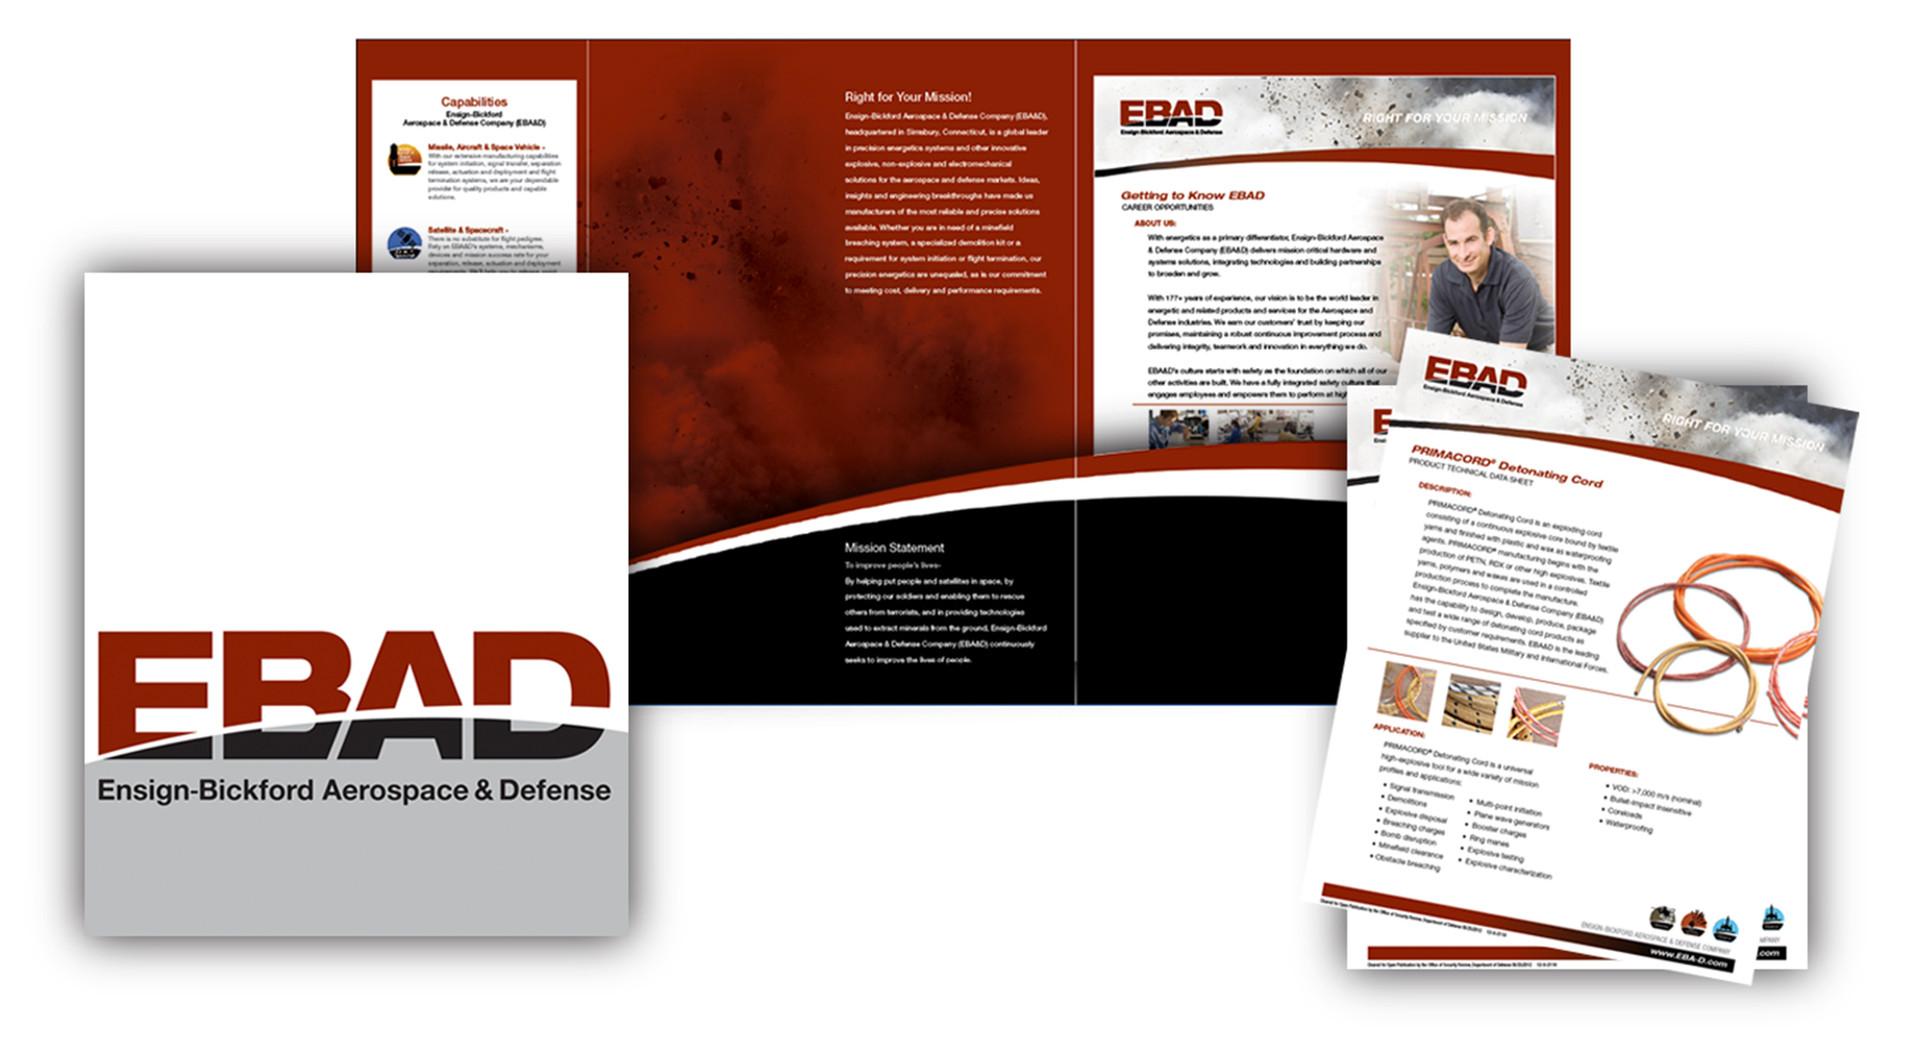 Ensign Bickford Aerospace & Defense (EBAD) - CT -